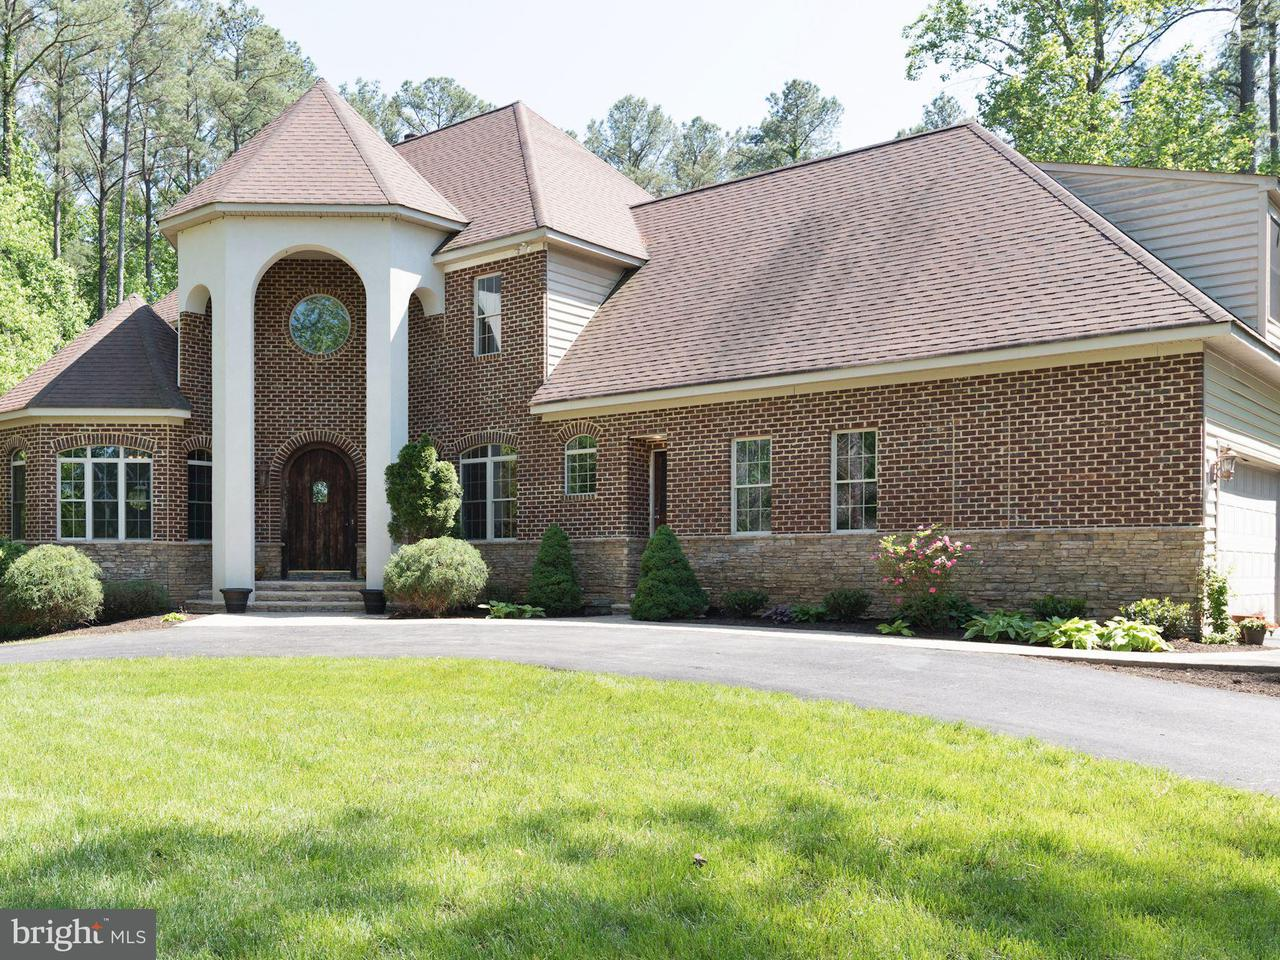 Casa Unifamiliar por un Venta en 3 BEAVER RIDGE Road 3 BEAVER RIDGE Road Stafford, Virginia 22556 Estados Unidos